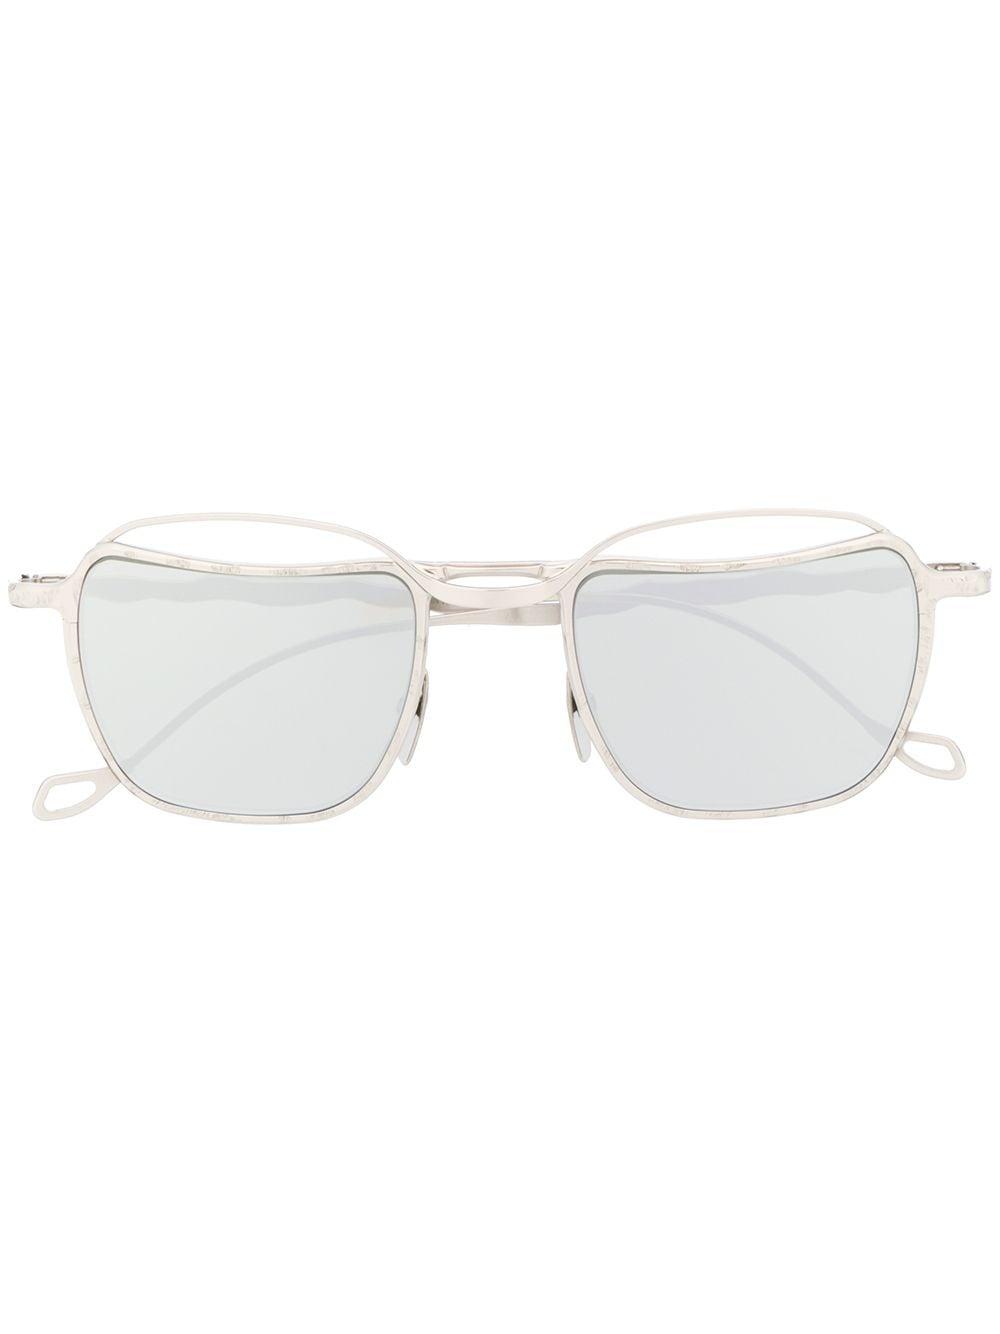 Kuboraum Sonnenbrille mit eckigem Gestell - Silber